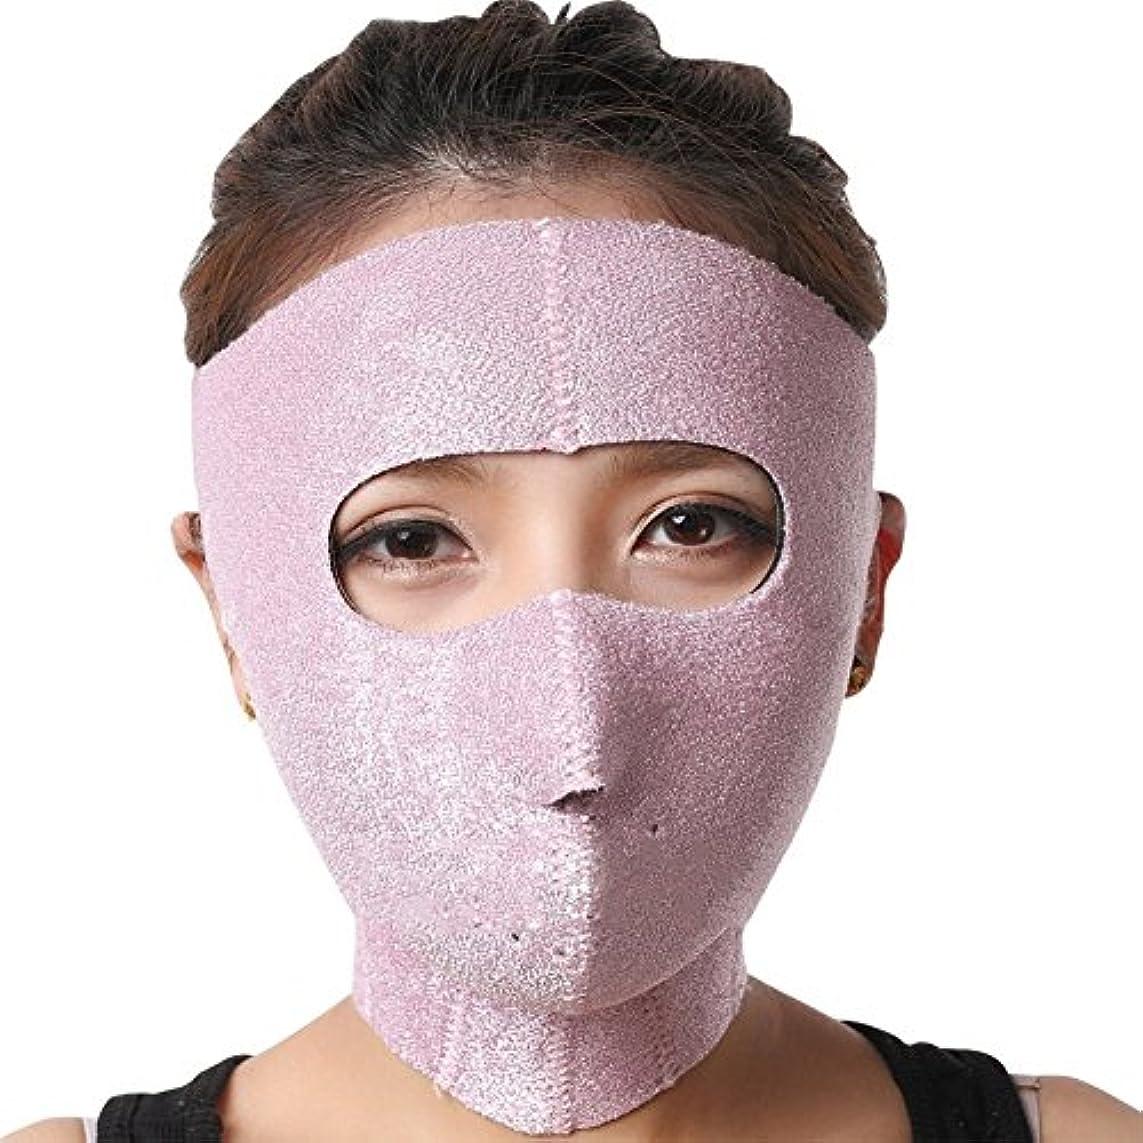 ストレンジャー超える一般的な小顔サウナマスク ゲルマニウム 小顔矯正 マスク